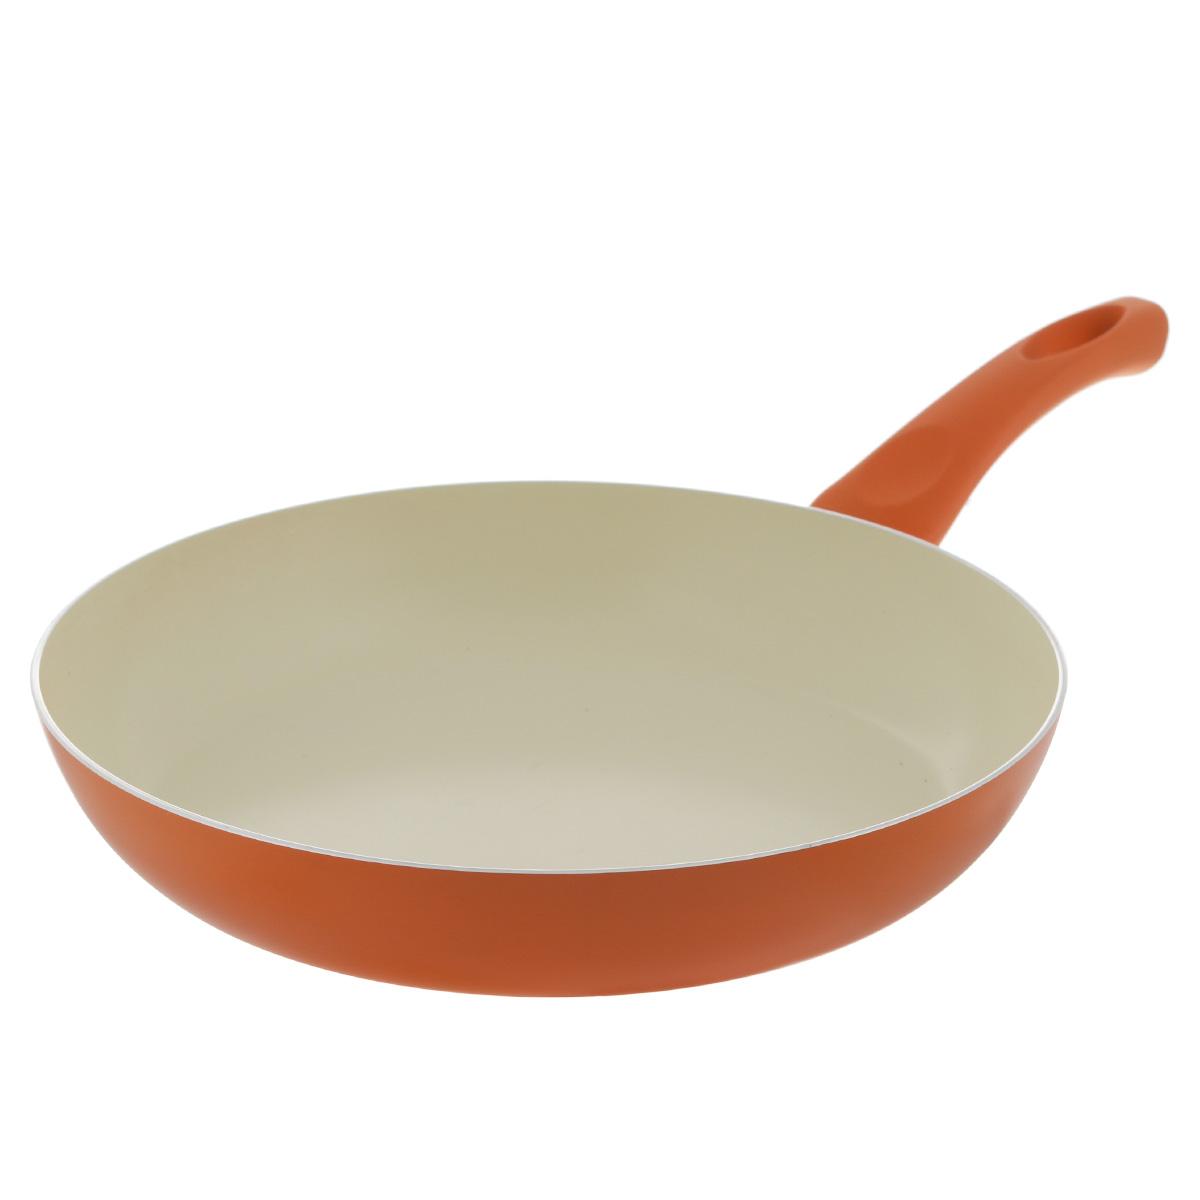 Сковорода Mayer & Boch, с керамическим покрытием, цвет: оранжевый. Диаметр 28 см. 2195821958Сковорода Mayer & Boch изготовлена из литого алюминия с керамическим покрытием. Сковорода предназначена для здорового и экологичного приготовления пищи. Пища не пригорает и не прилипает к стенкам. Абсолютно гладкая поверхность легко моется. Посуда экологически чистая, не содержит примеси ПФОК. Рукоятка специального дизайна, выполненная из бакелита с силиконовым покрытием, удобна и комфортна в эксплуатации. Внешнее цветное покрытие устойчиво к воздействию высоких температур. Можно использовать на газовых, электрических, керамических плитах. Не подходит для индукционных плит. Можно мыть в посудомоечной машине. Высота стенки: 5 см. Толщина стенки: 2,5 мм. Толщина дна: 3 мм. Длина ручки: 18 см.